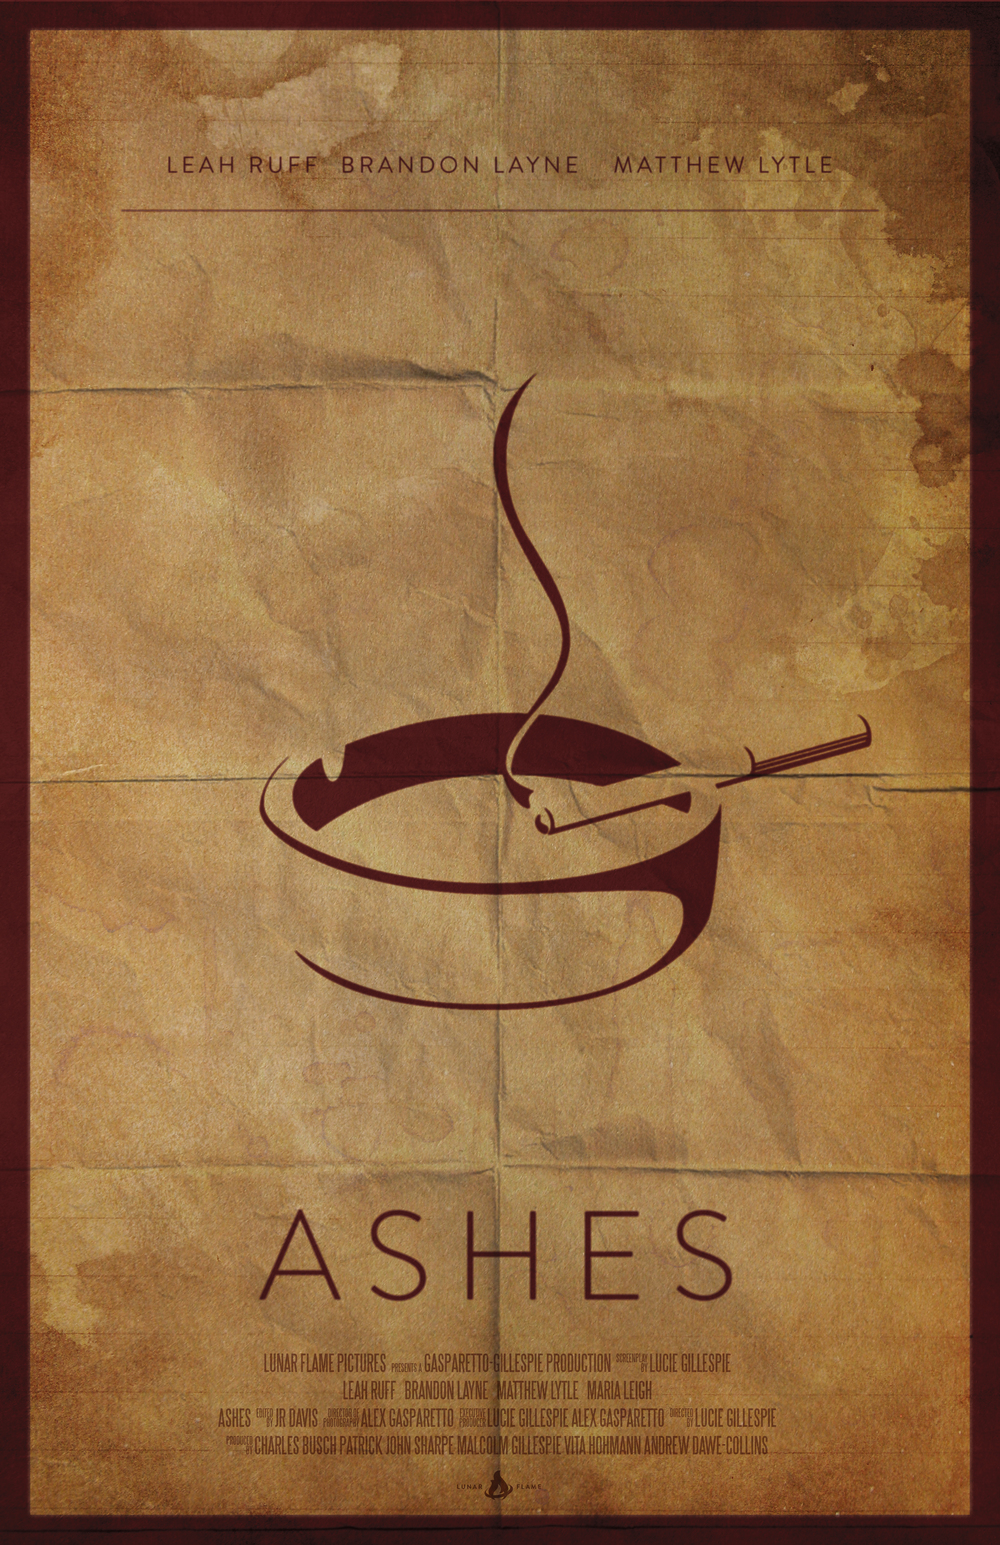 AshesRetroPoster.jpg